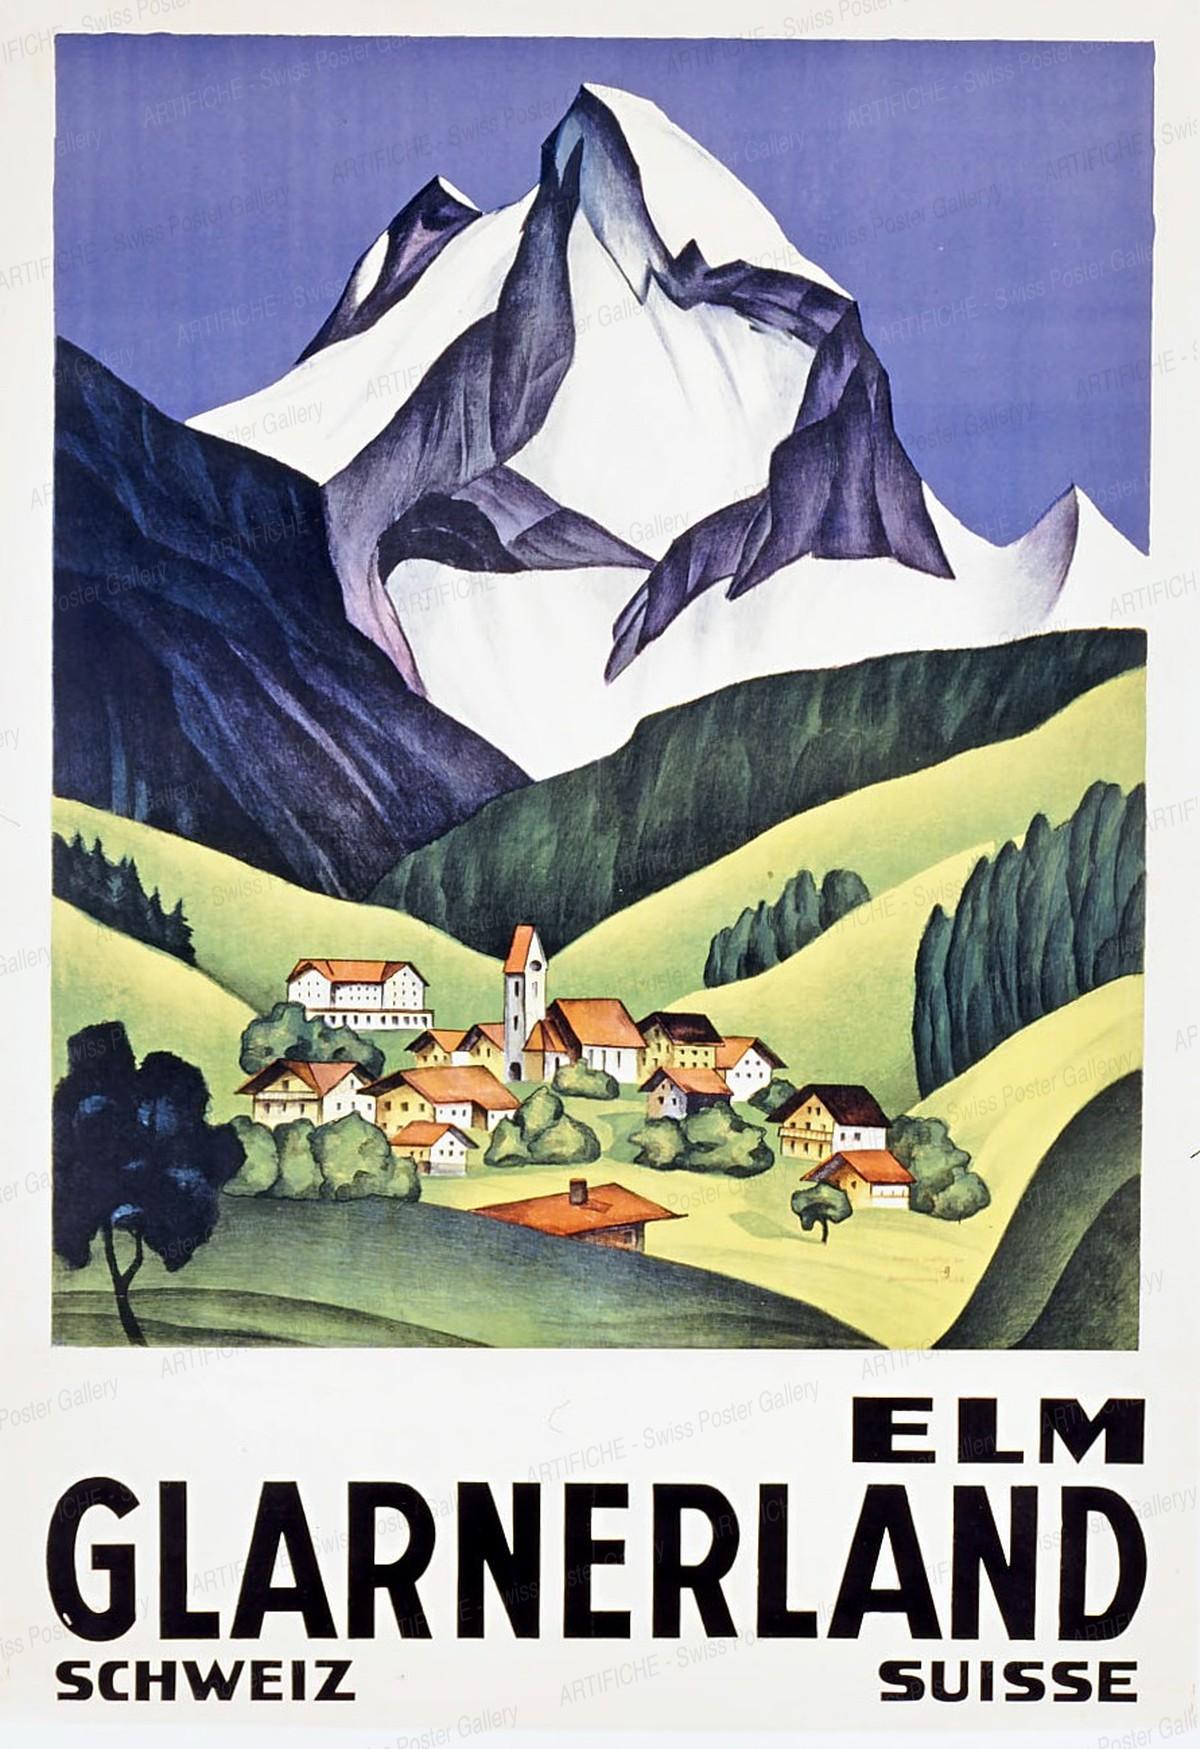 ELM GLARNERLAND – Schweiz Suisse, Artist unknown